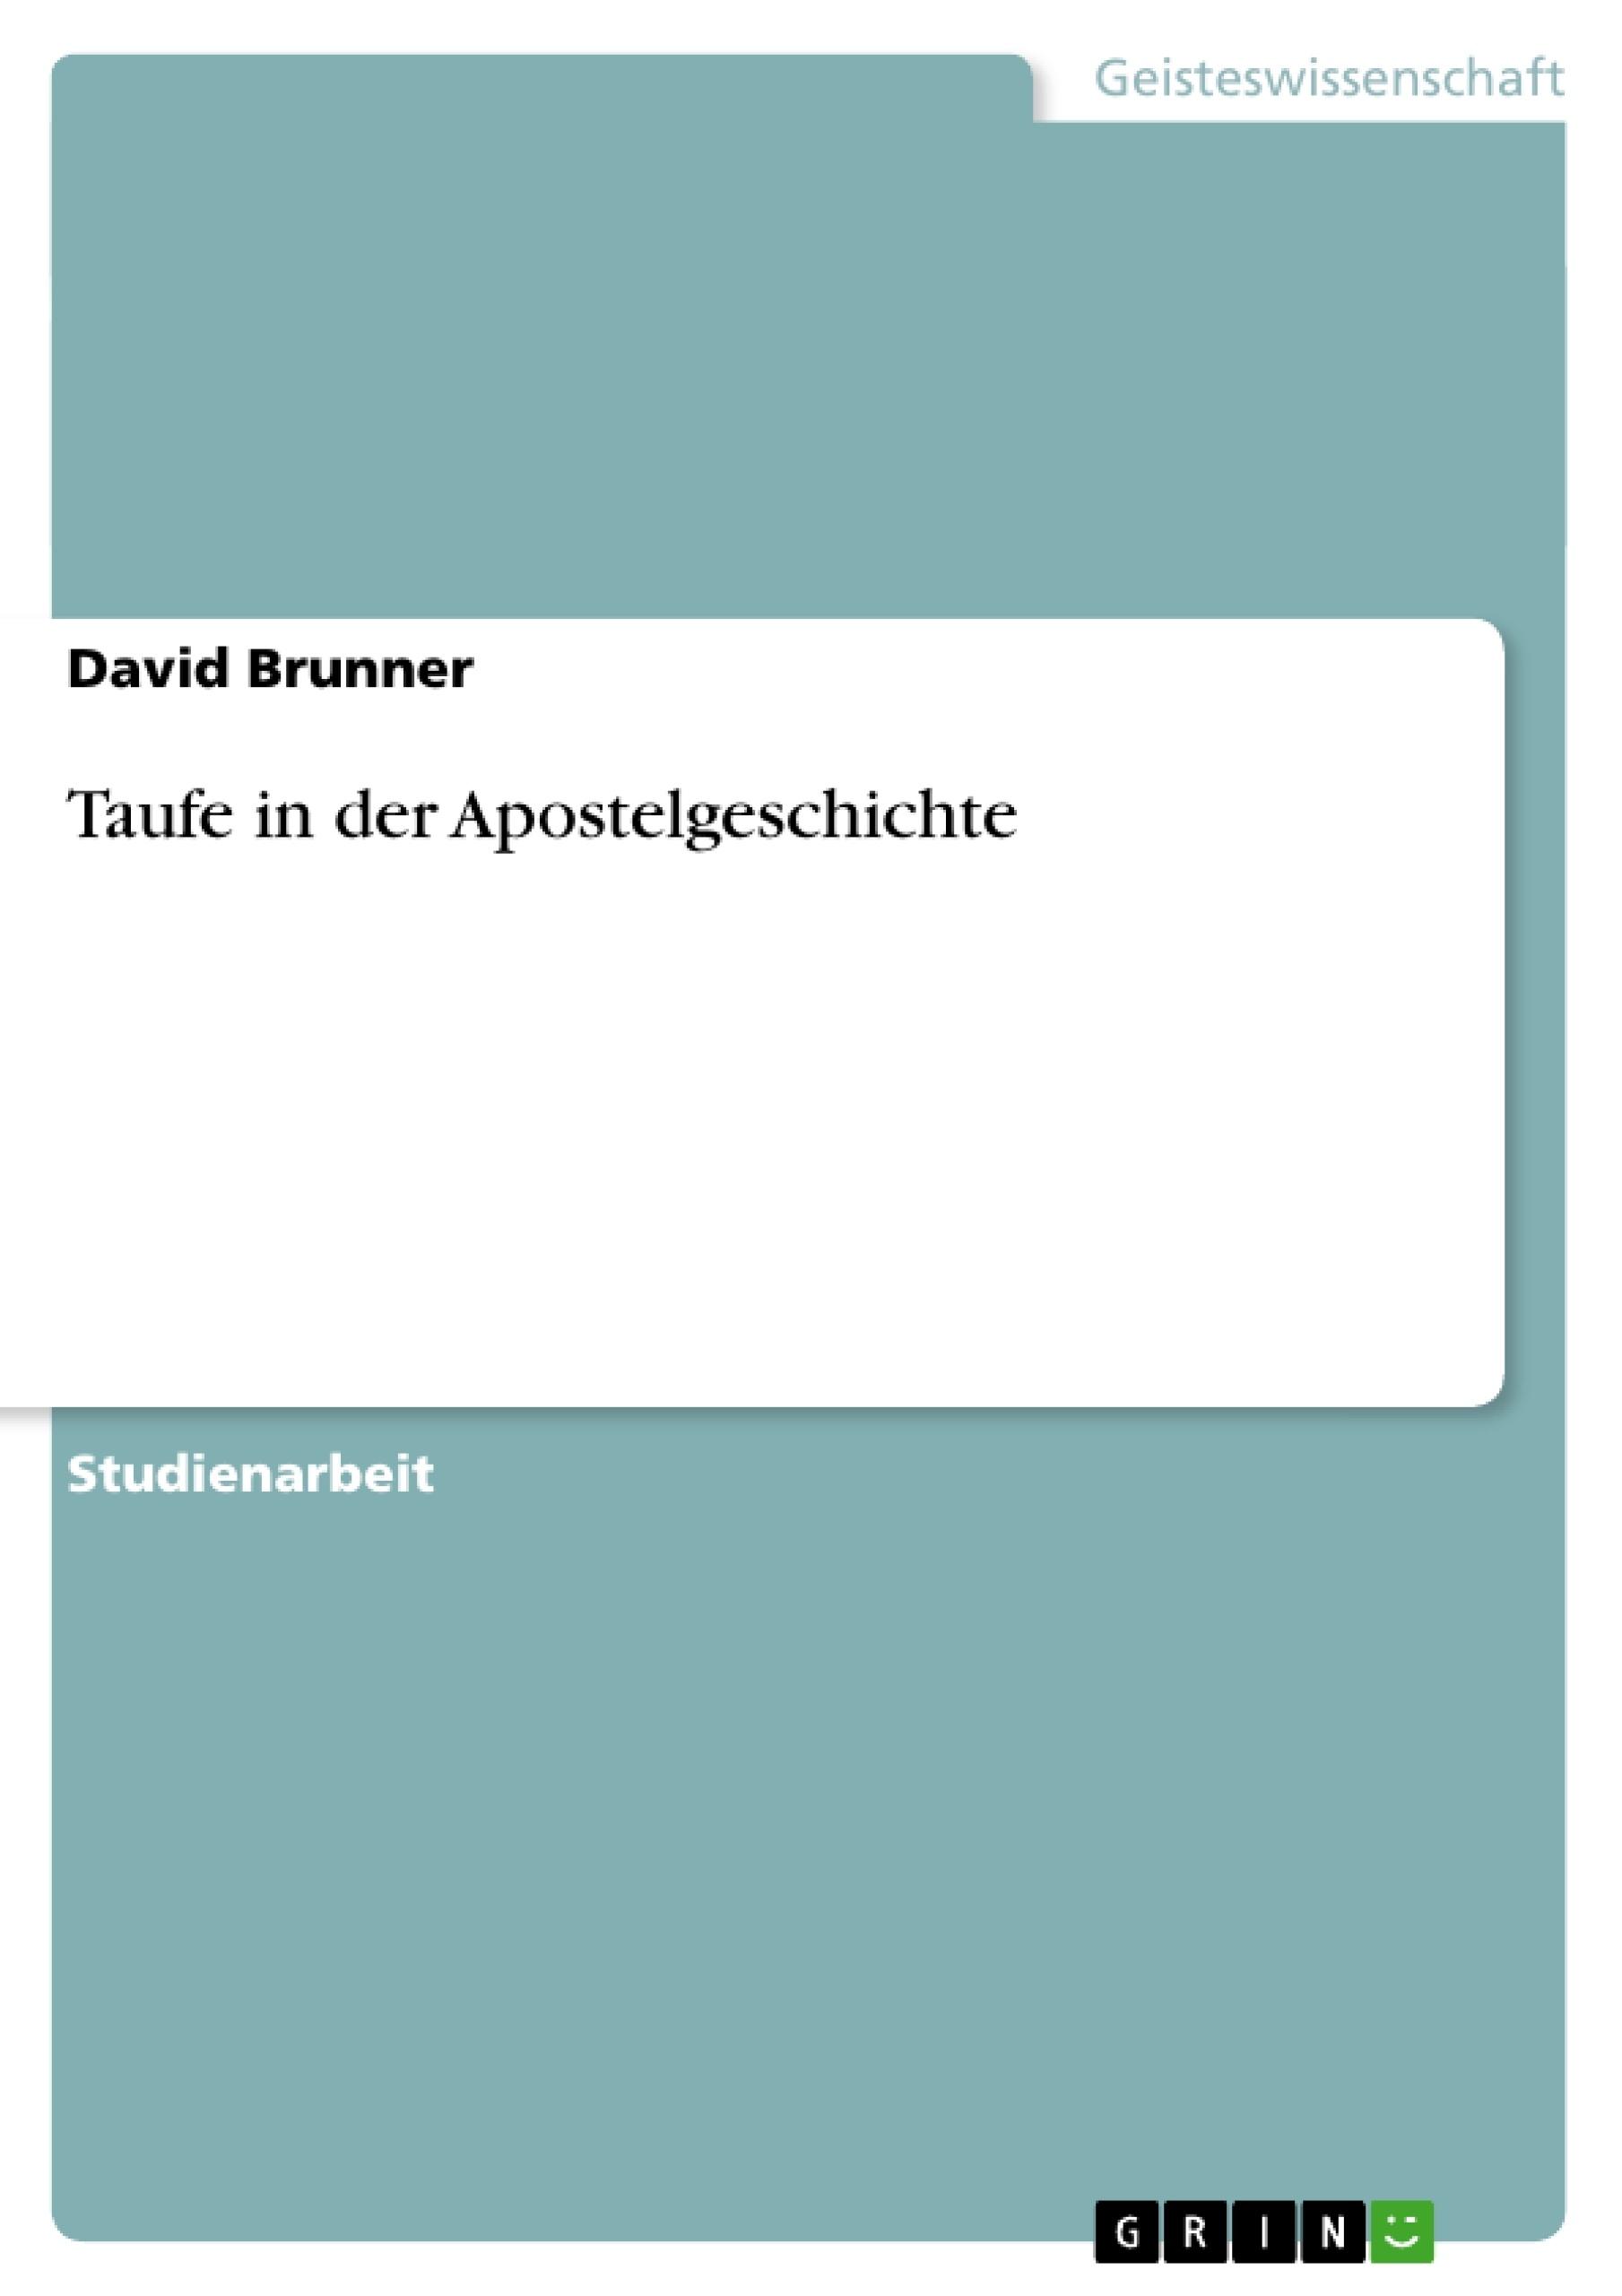 Titel: Taufe in der Apostelgeschichte